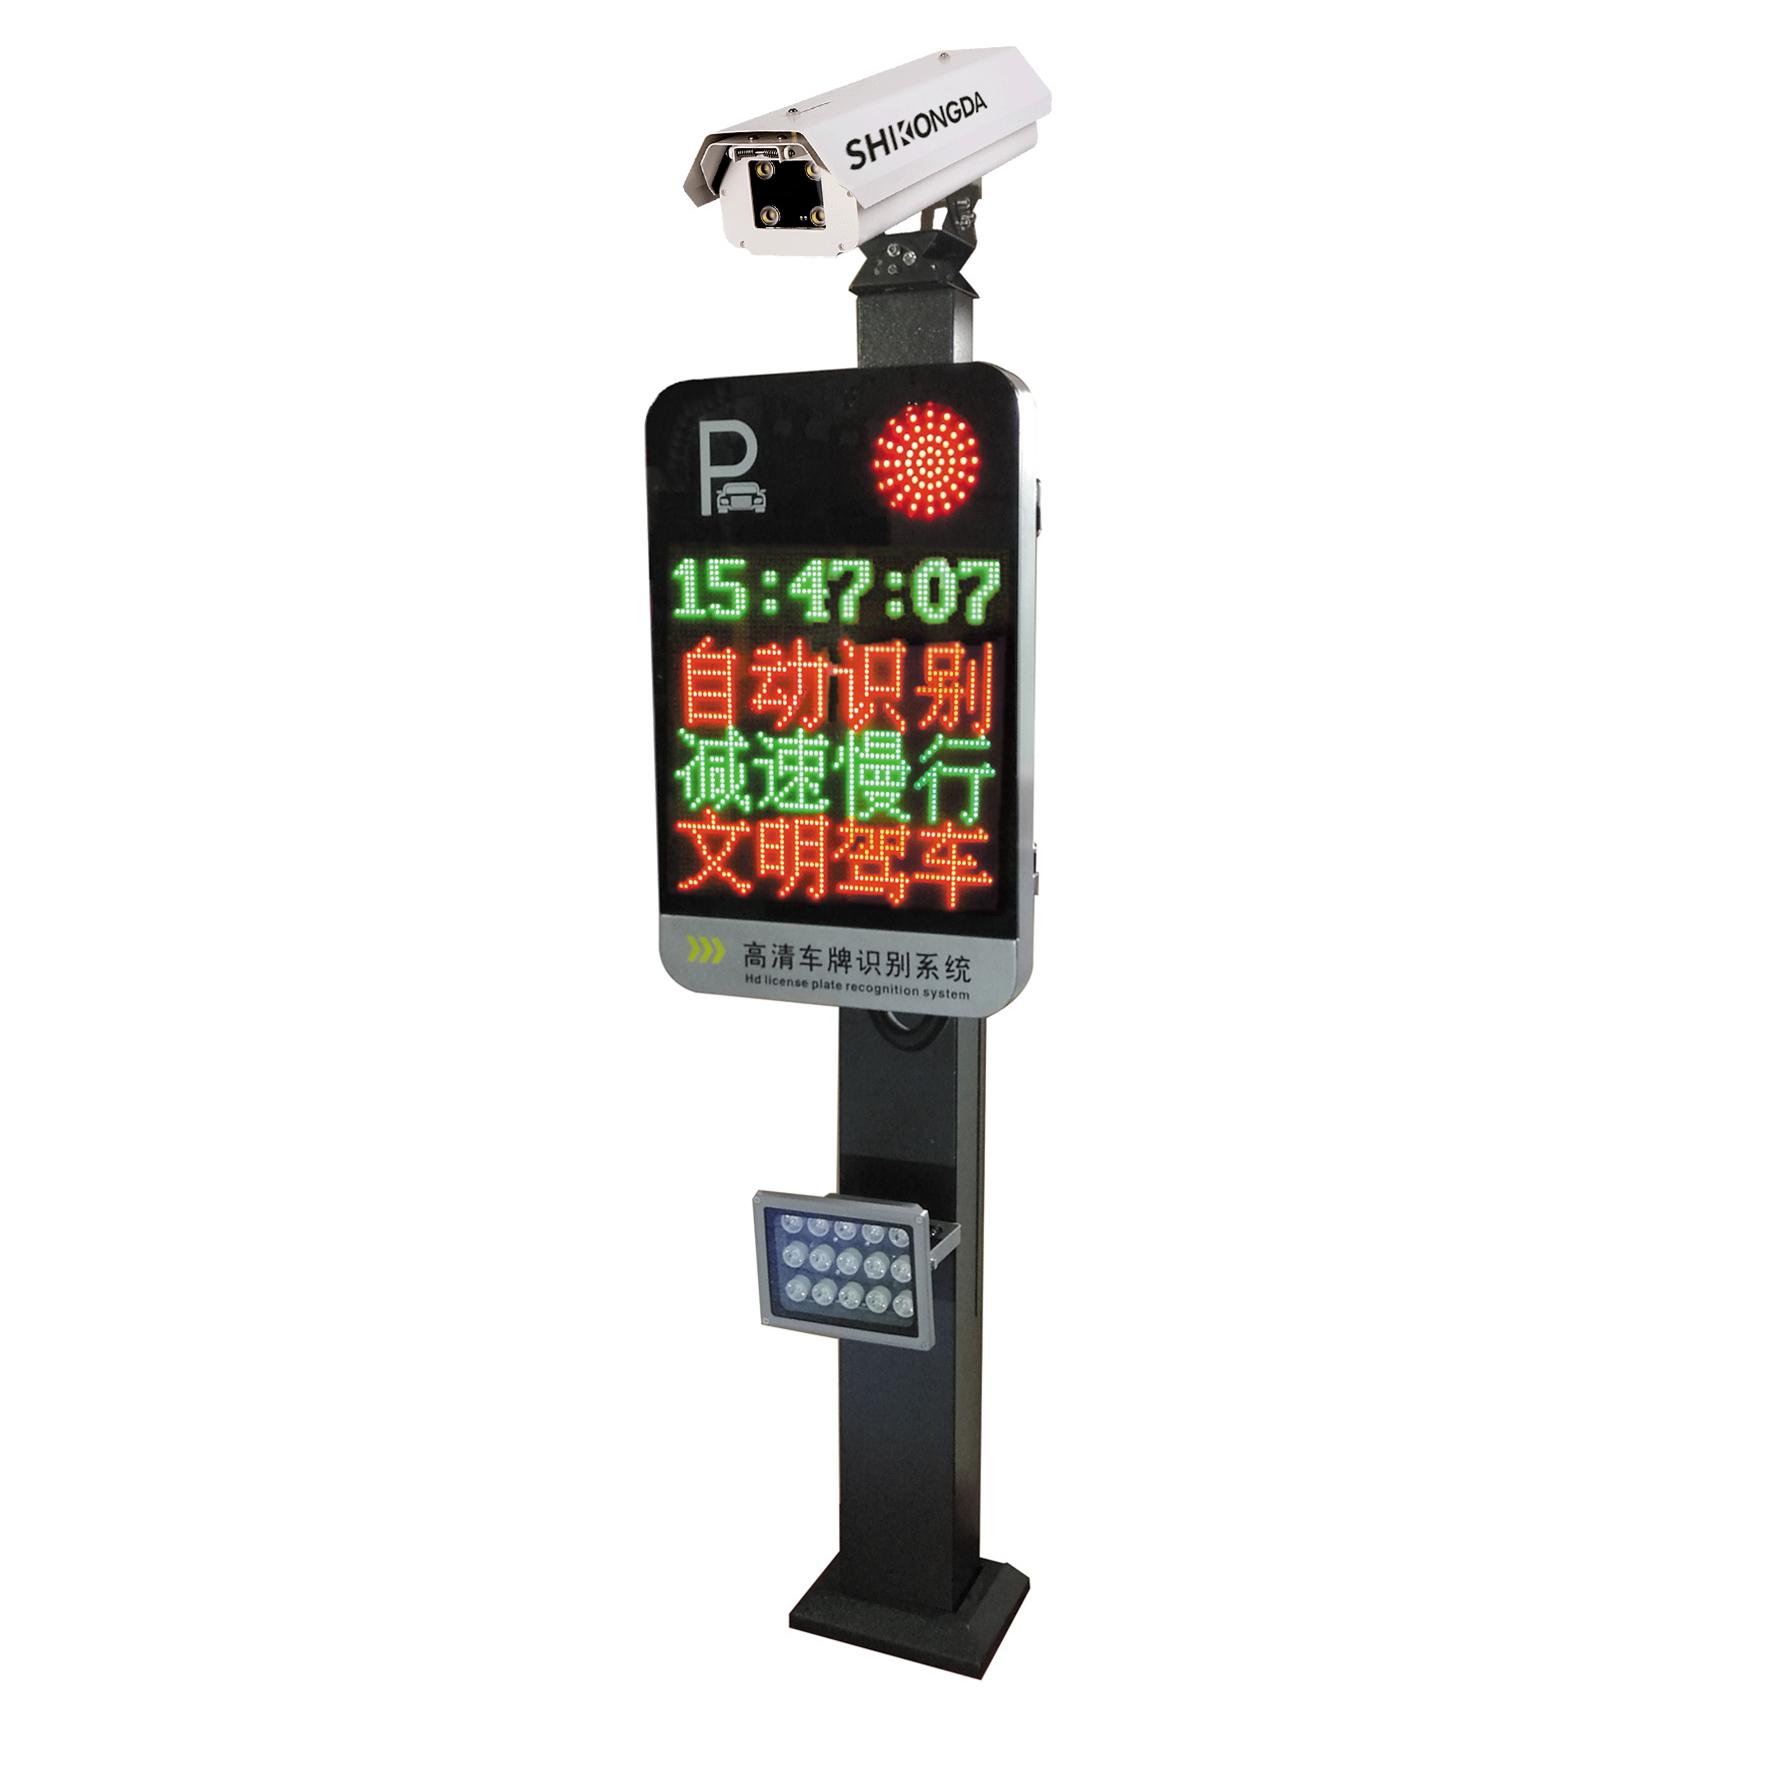 IPHONE款车牌识别一体机